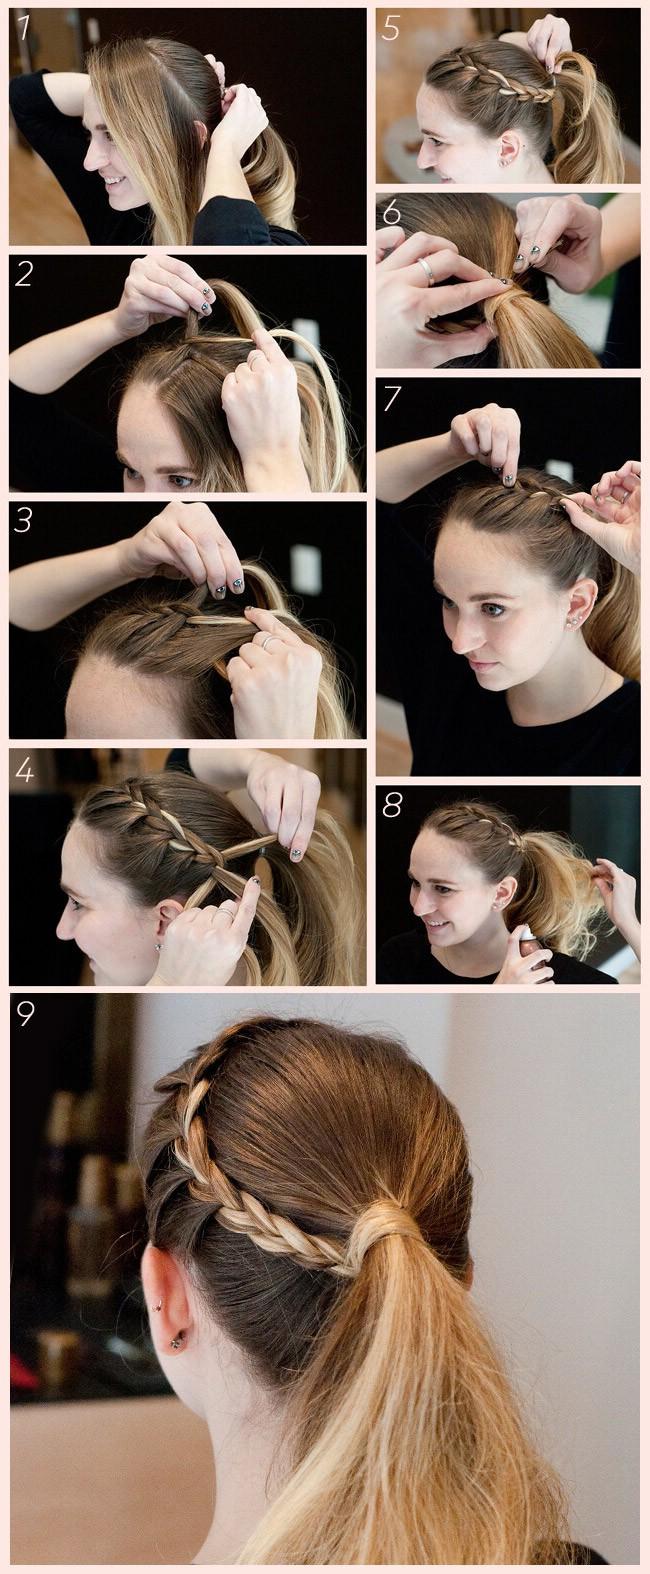 Простая и практичная прическа для новогодней вечеринки: коса-венок, переходящая в объемный хвост